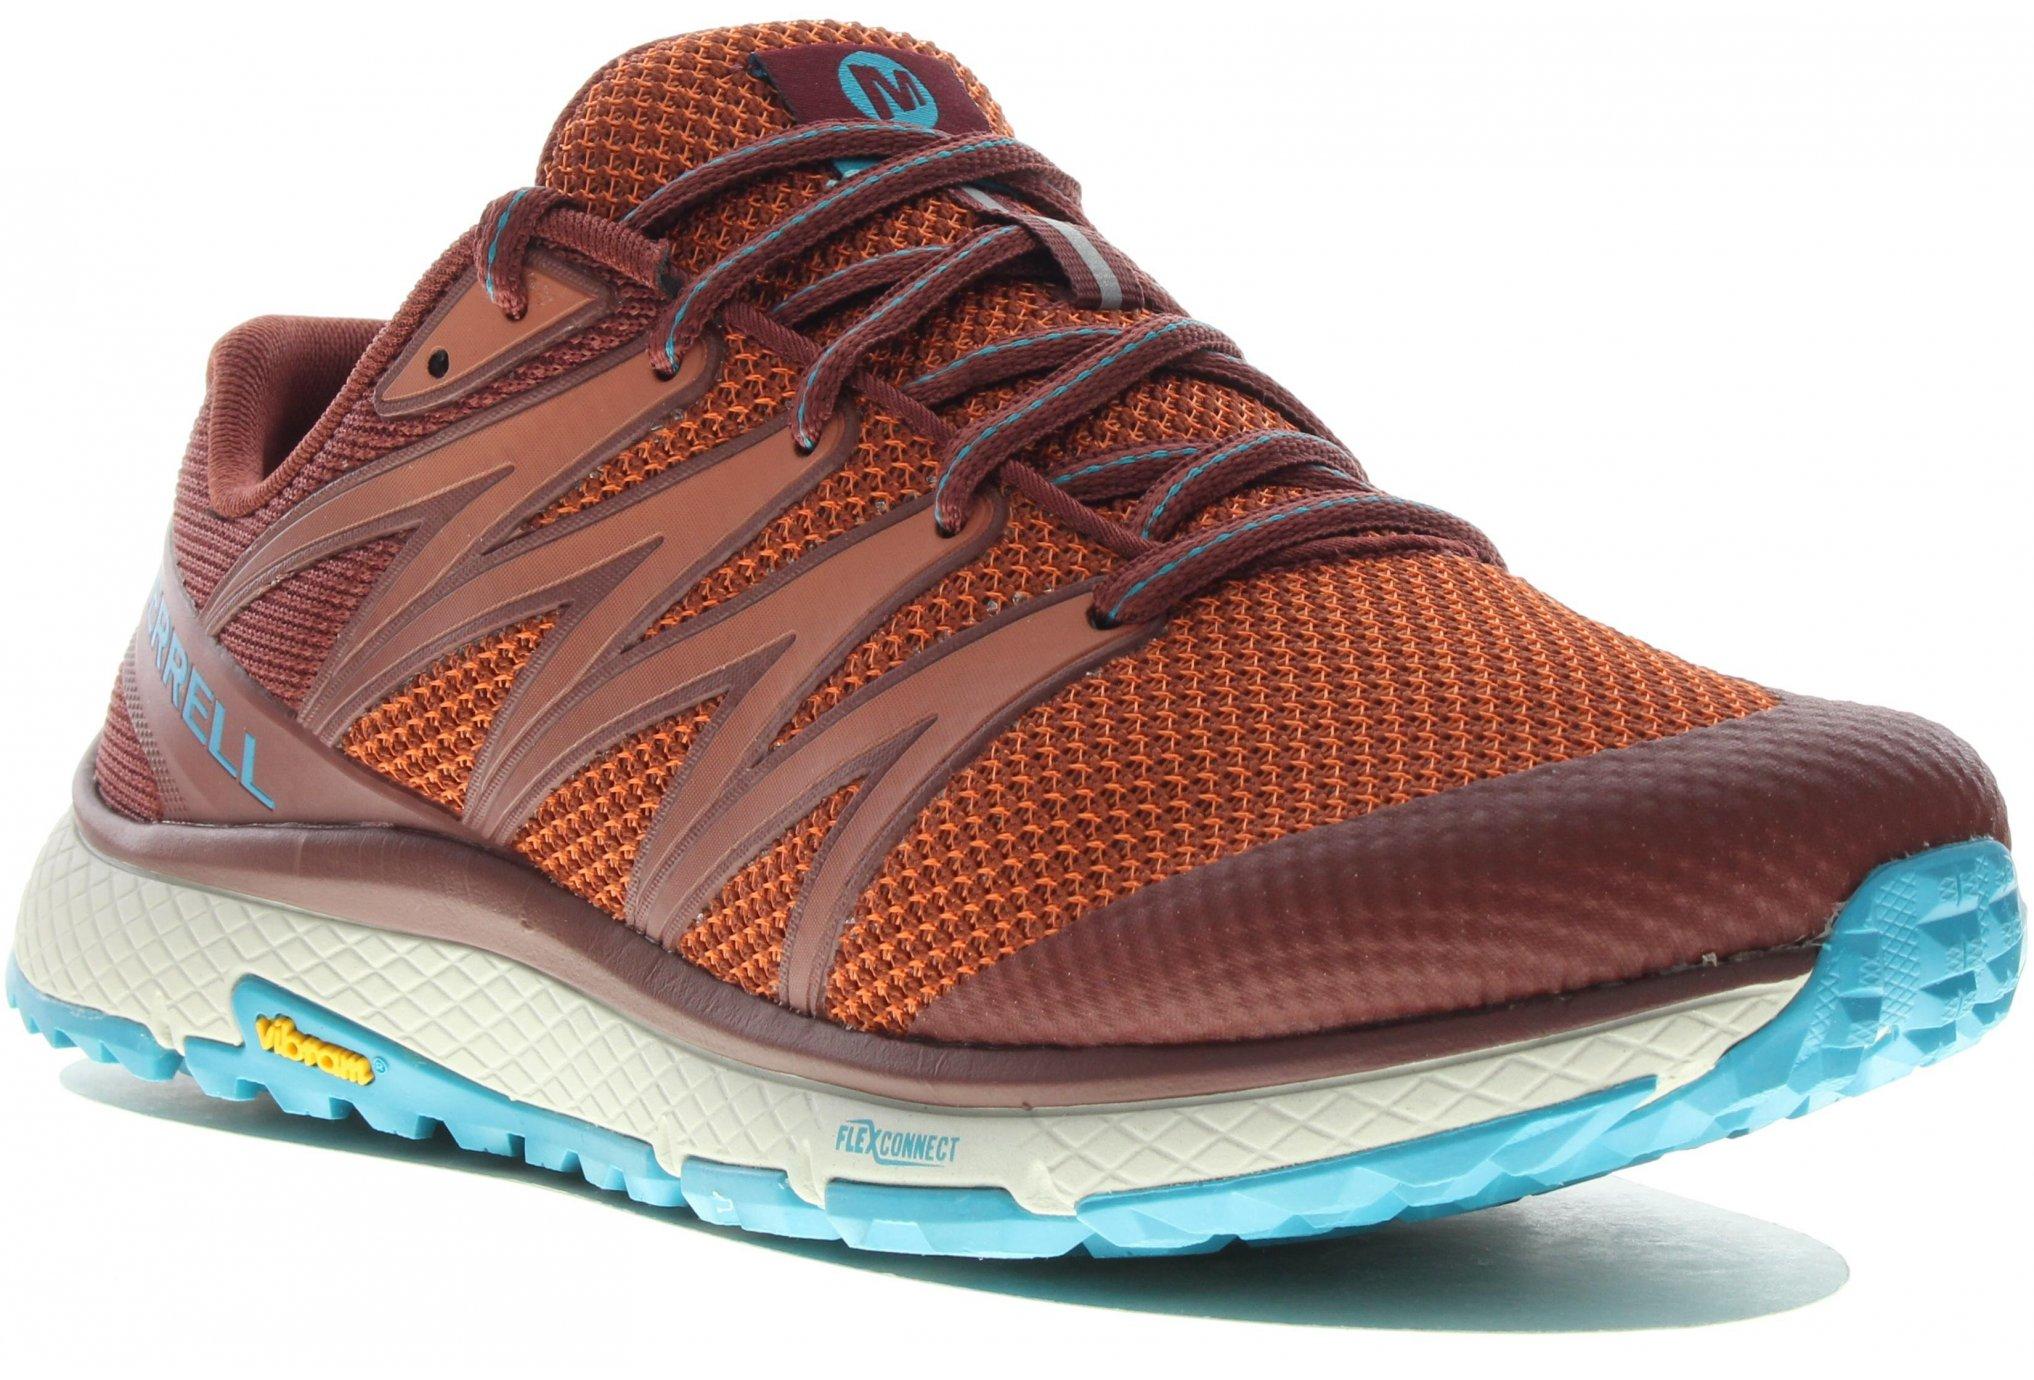 Merrell Bare Access XTR W Chaussures running femme